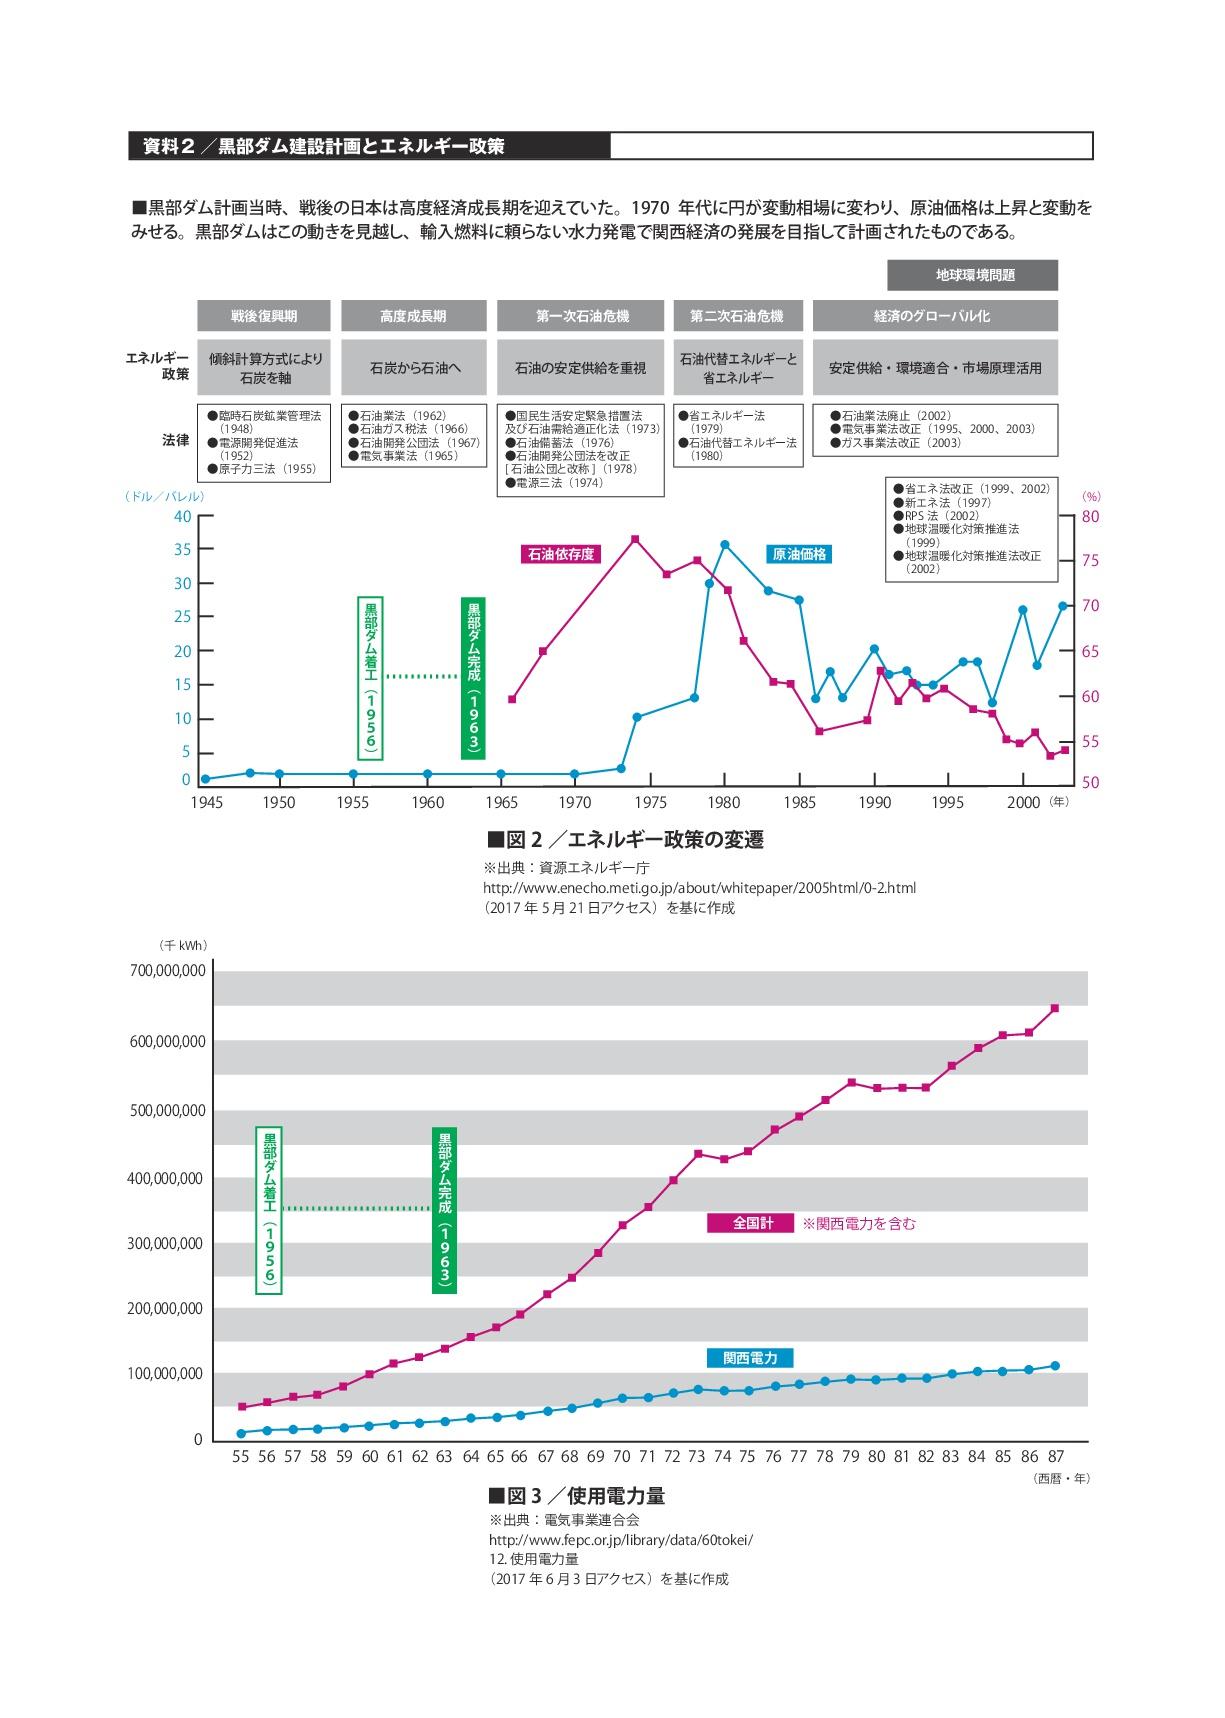 資料2/黒部ダム建設計画とエネルギー政策